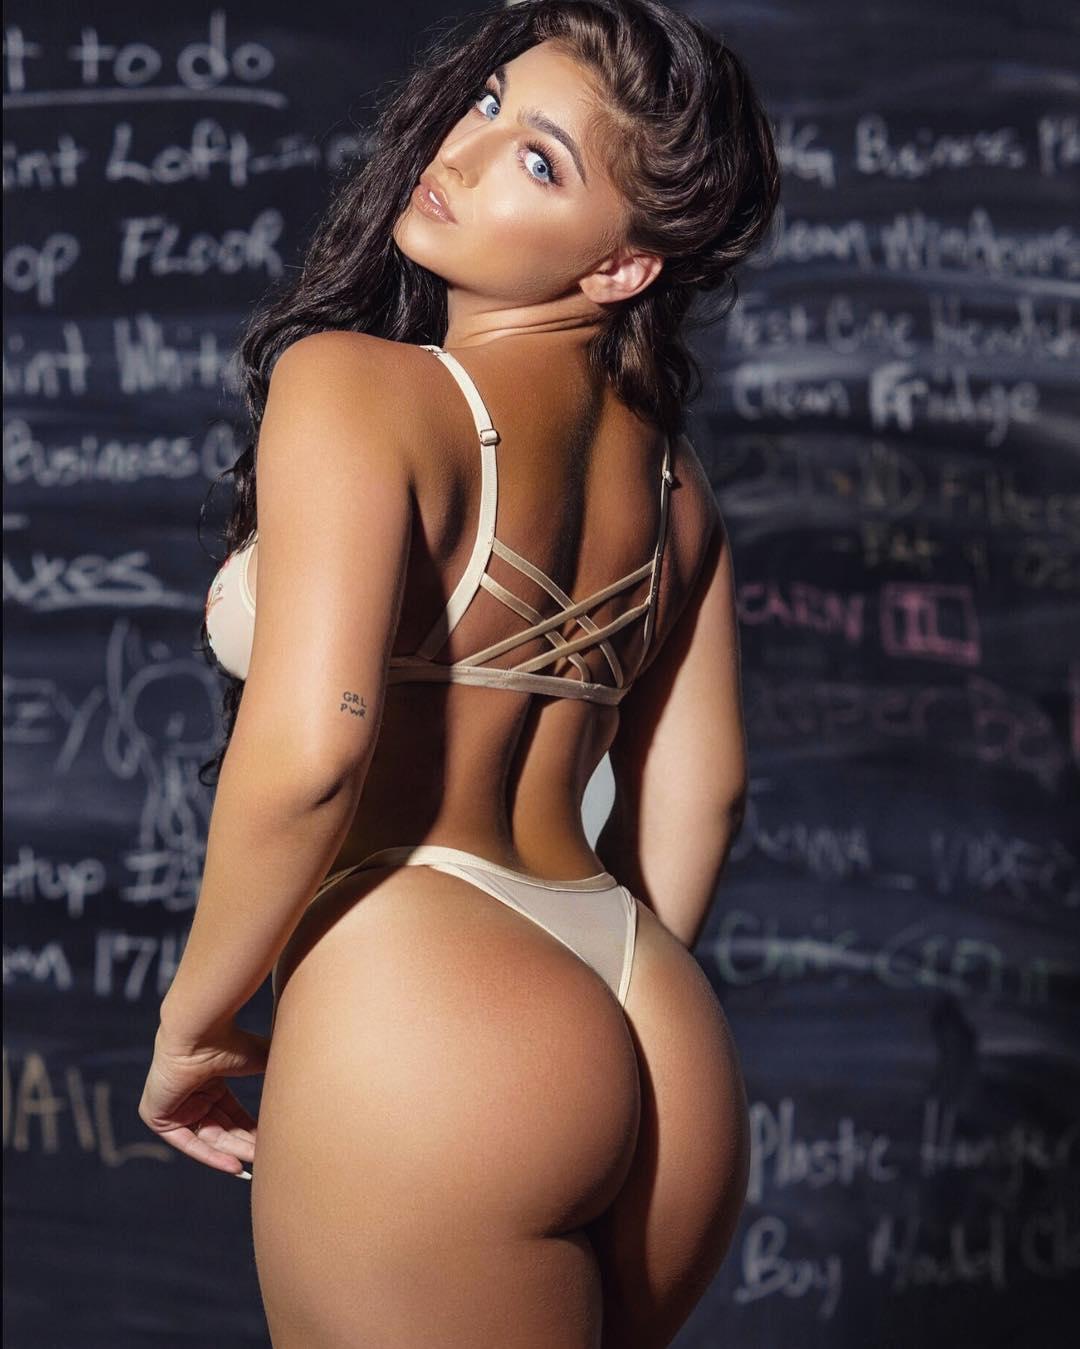 hot sexy nudist pics